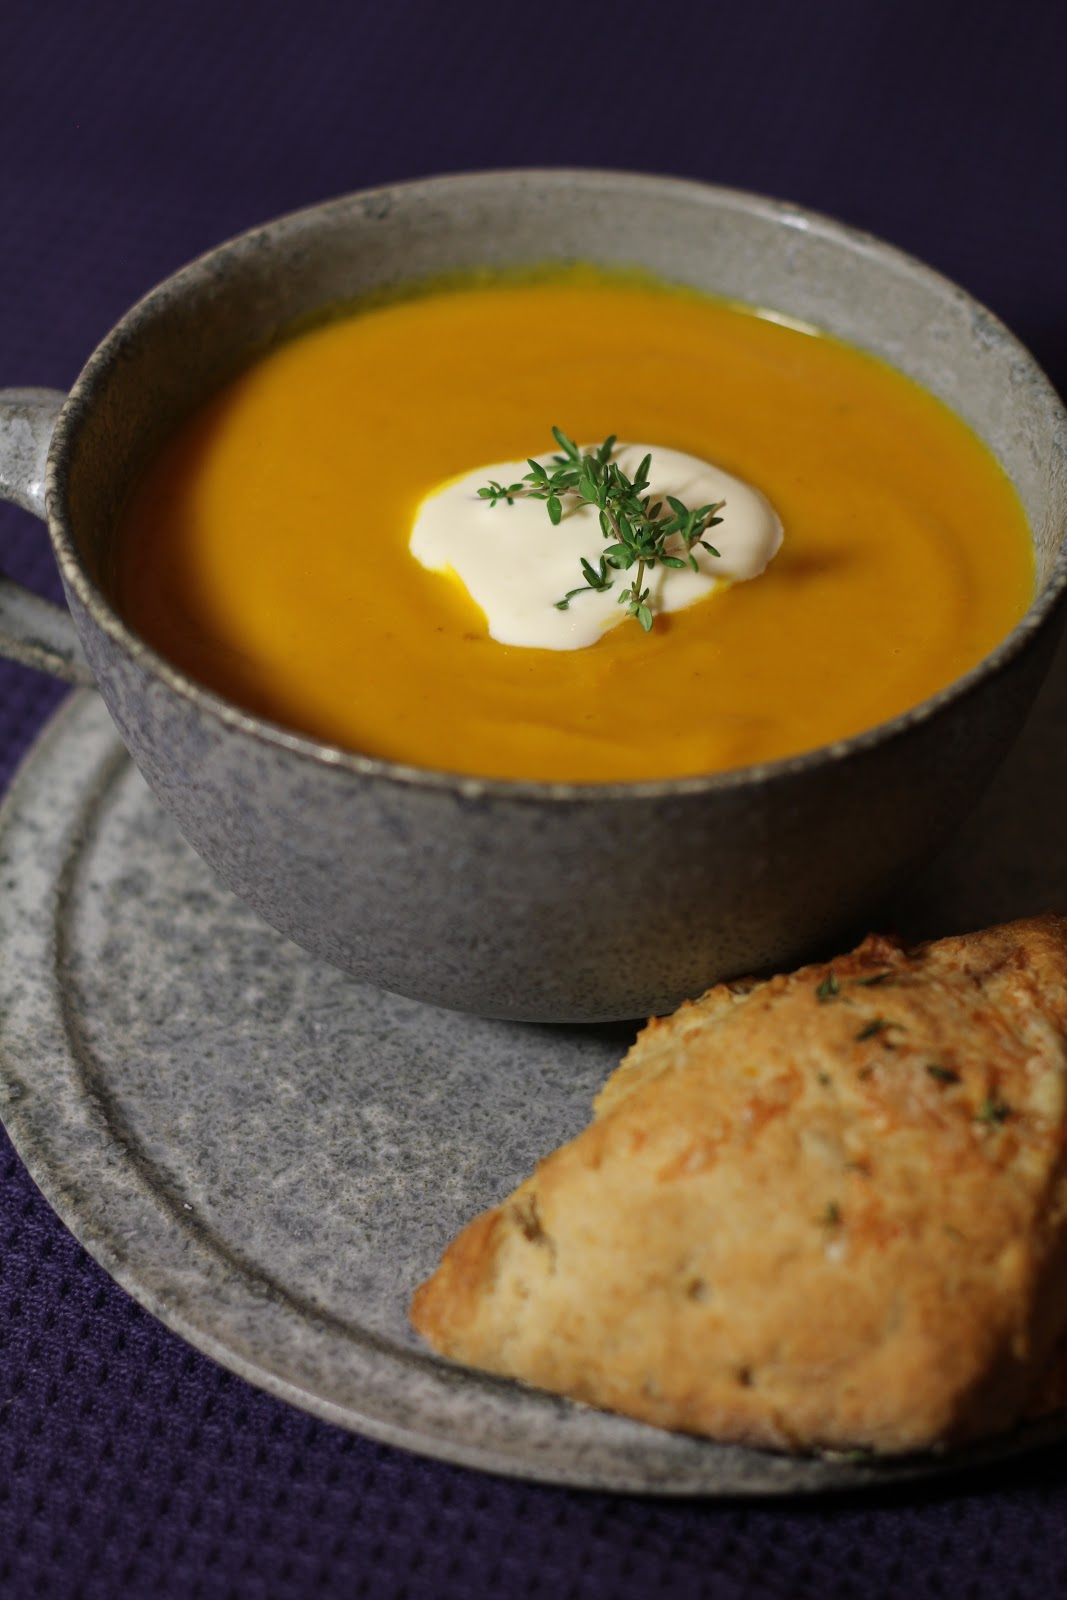 Equivalent Cuillere A Cafe Et Cuillere A Soupe